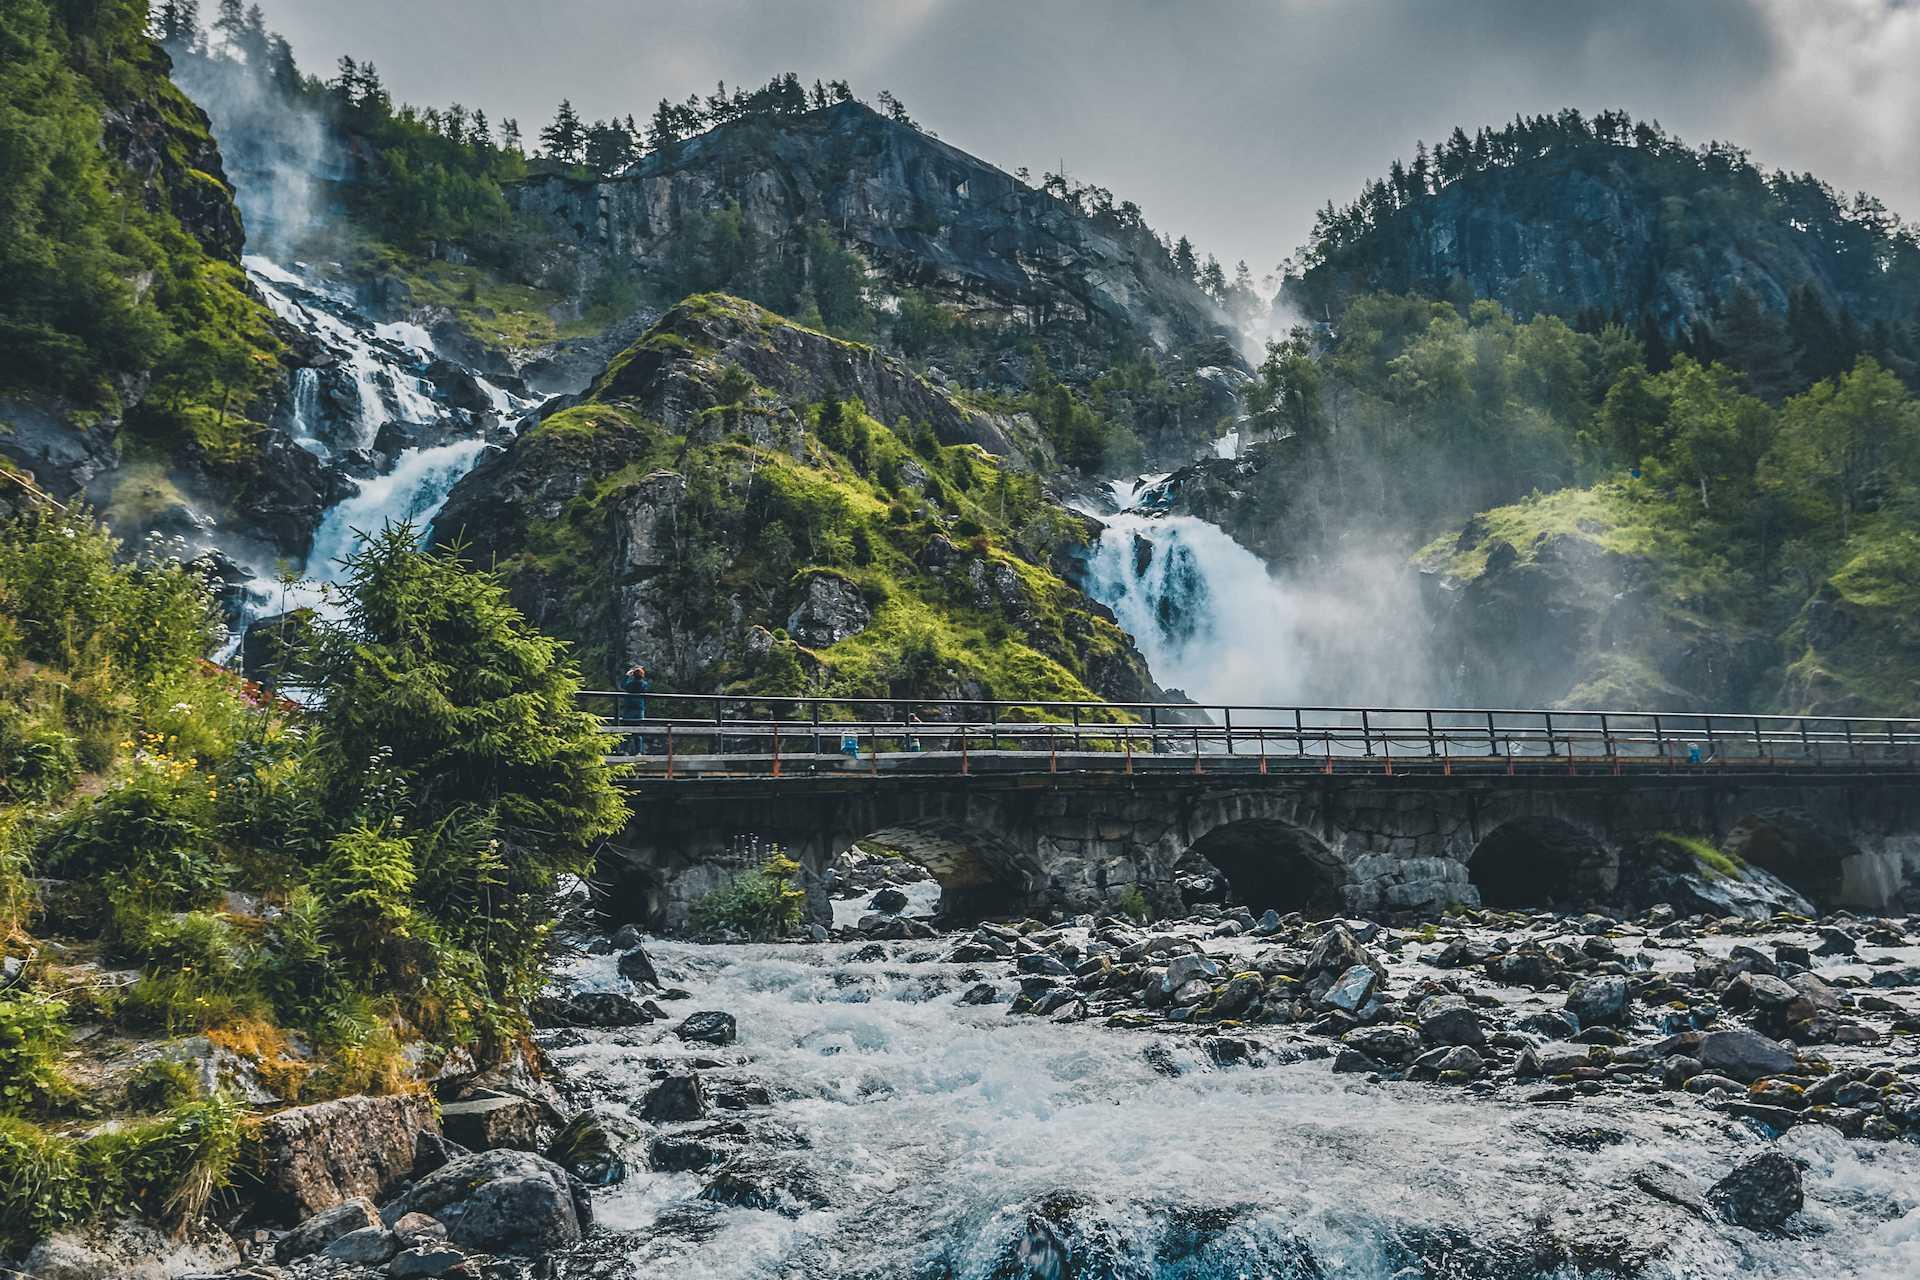 wodospad wNorwegii